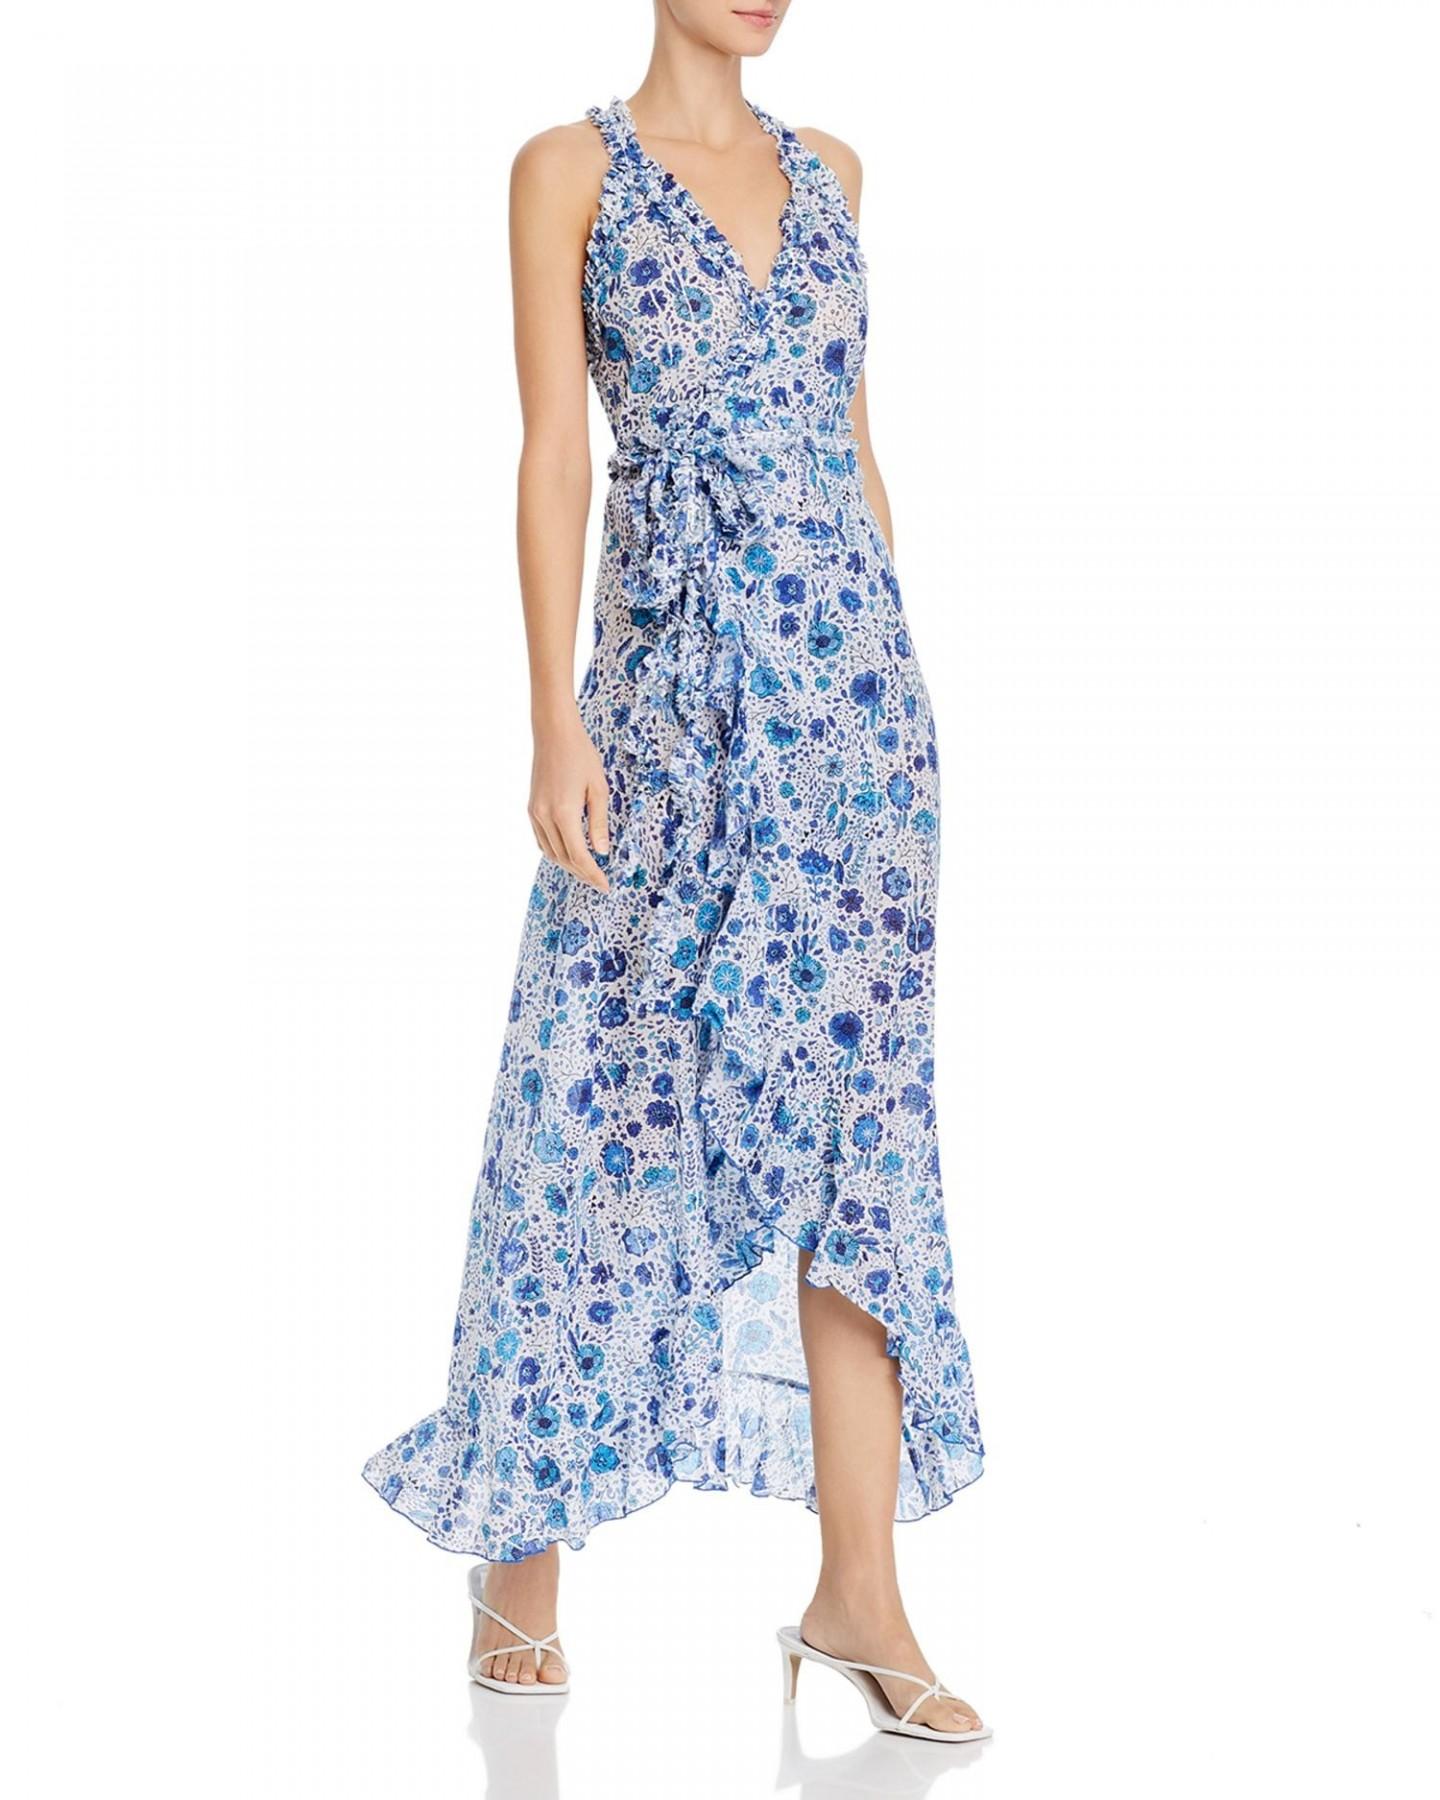 POUPETTE ST. BARTH Floral-Print Maxi Dress